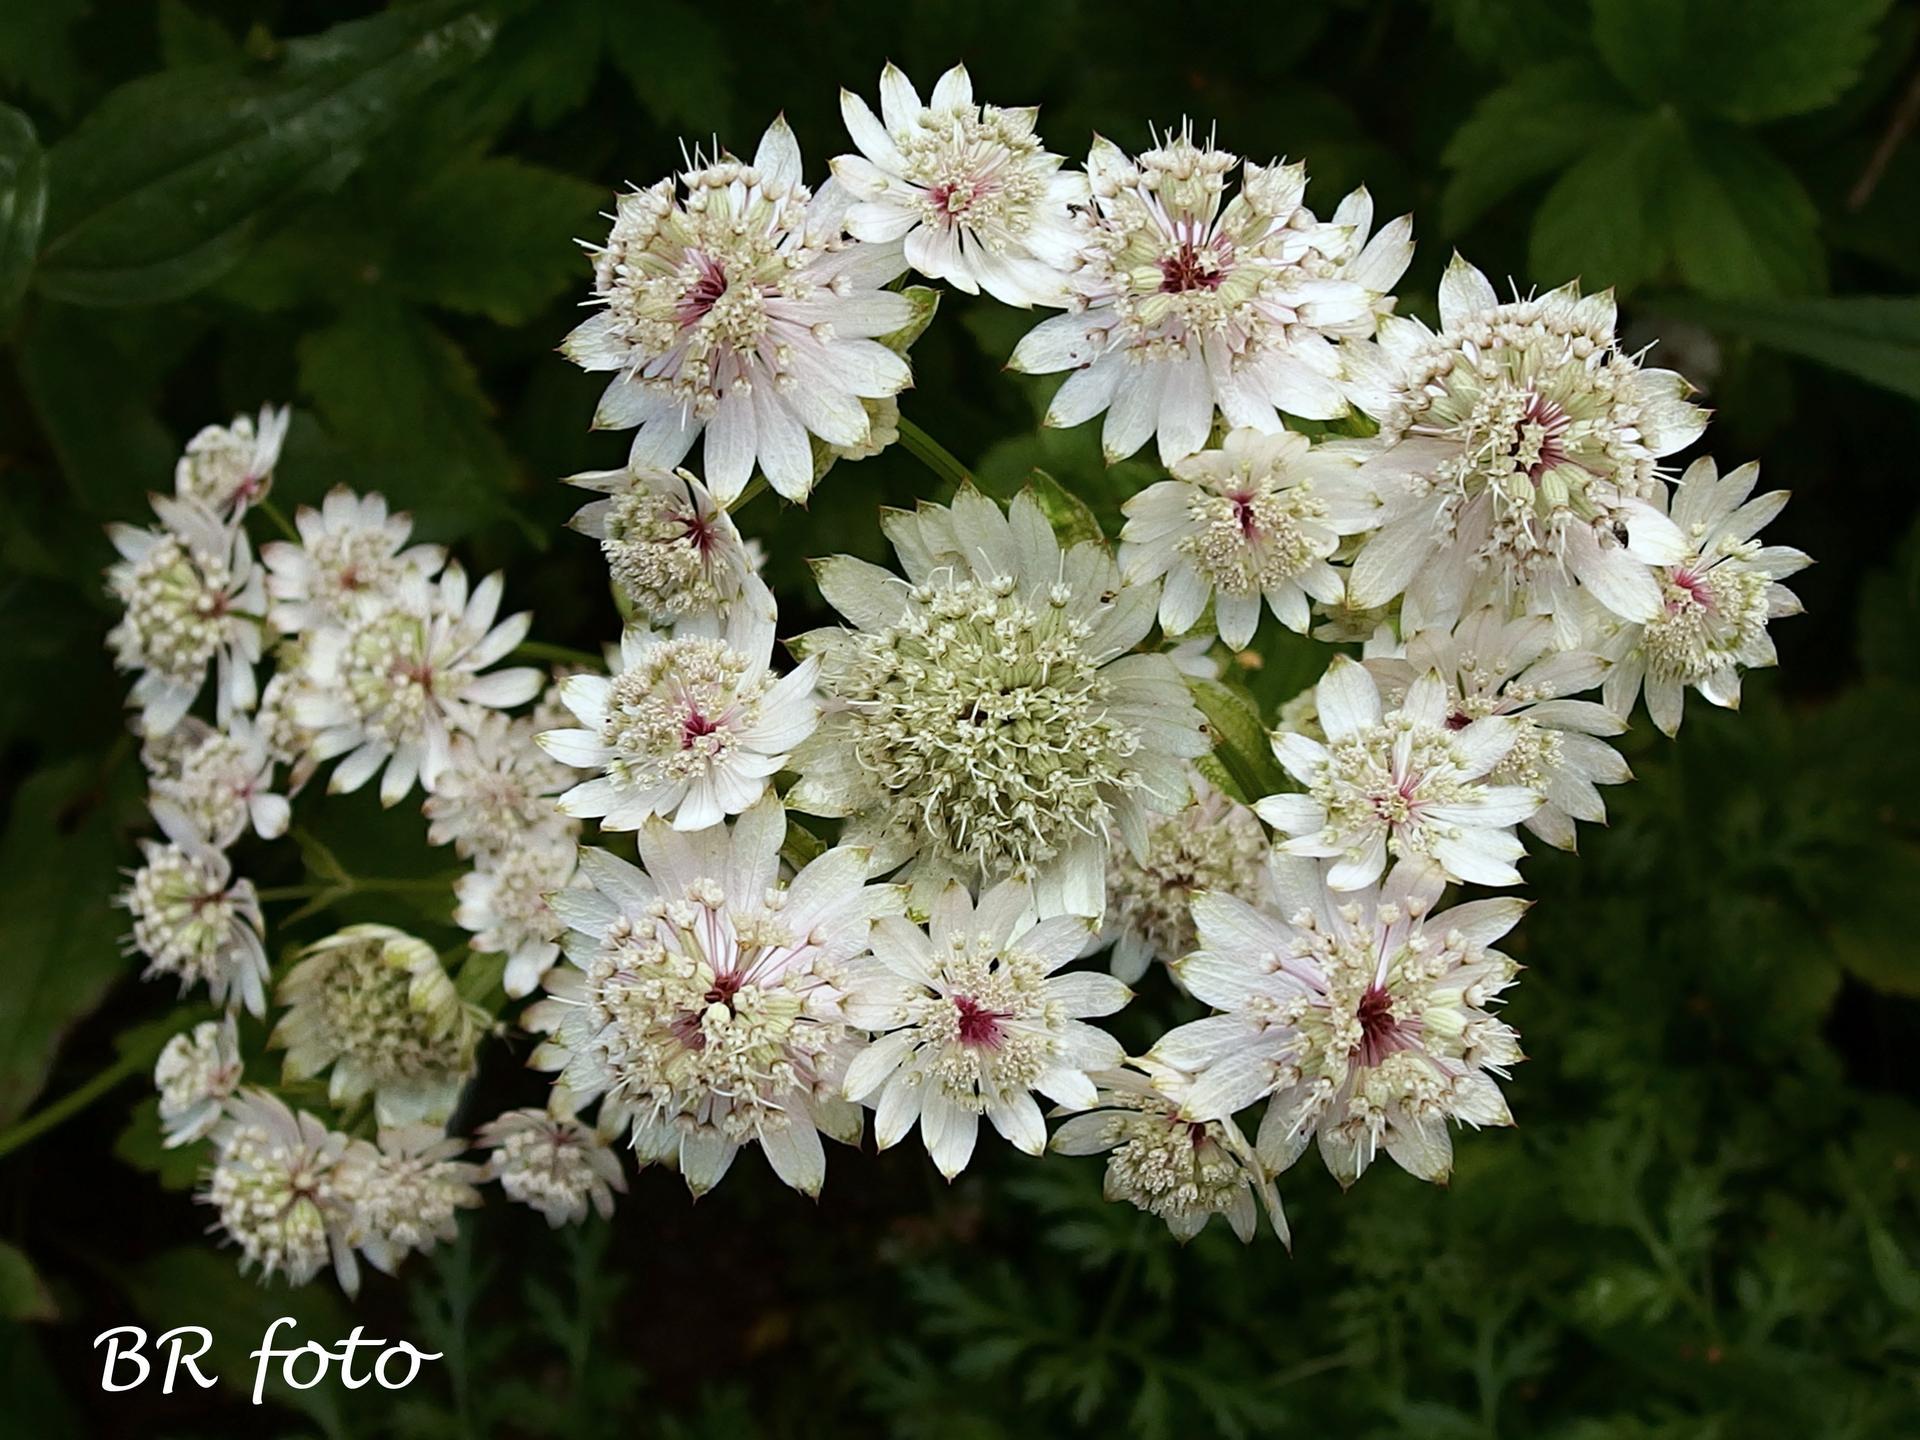 Zahrada v létě - já tu jarmanku miluju, tahle světlá dobře roste a víc vynikne než růžová